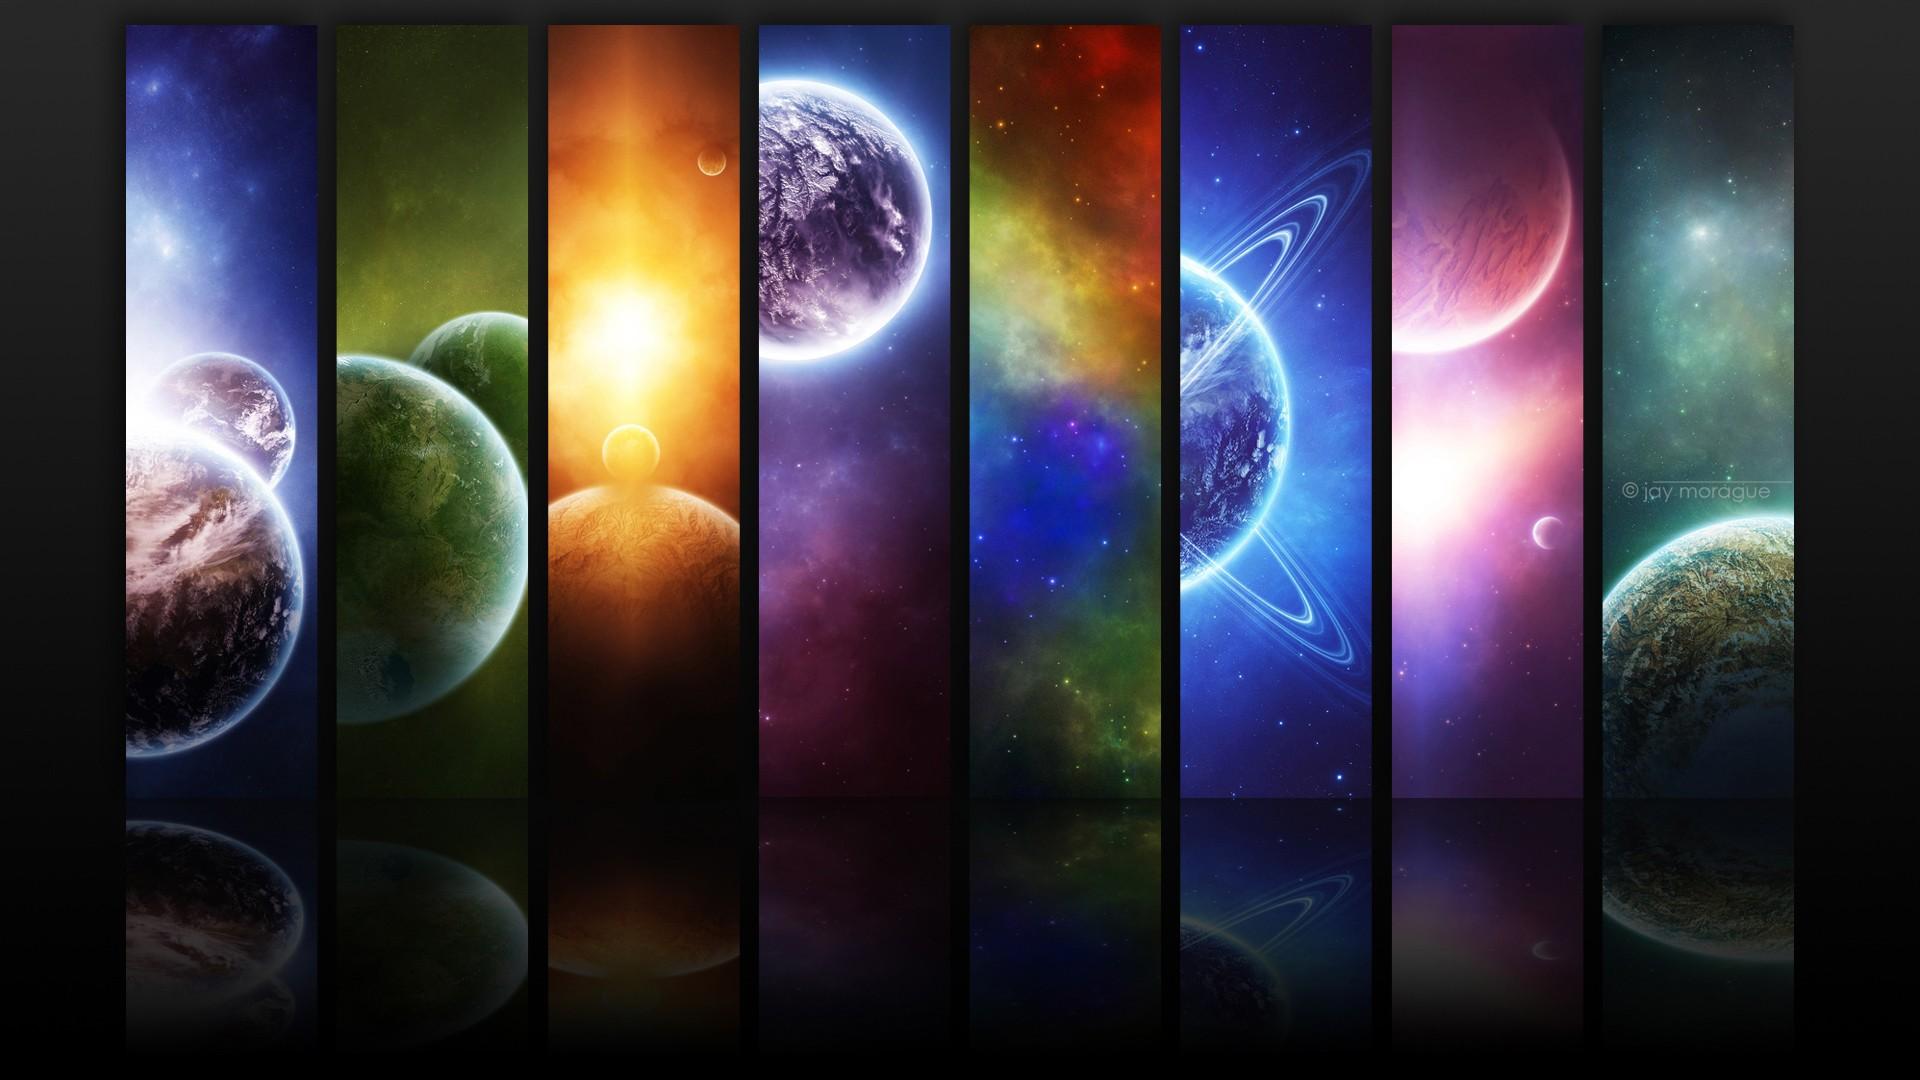 Coolest Desktop Backgrounds - WallpaperSafari